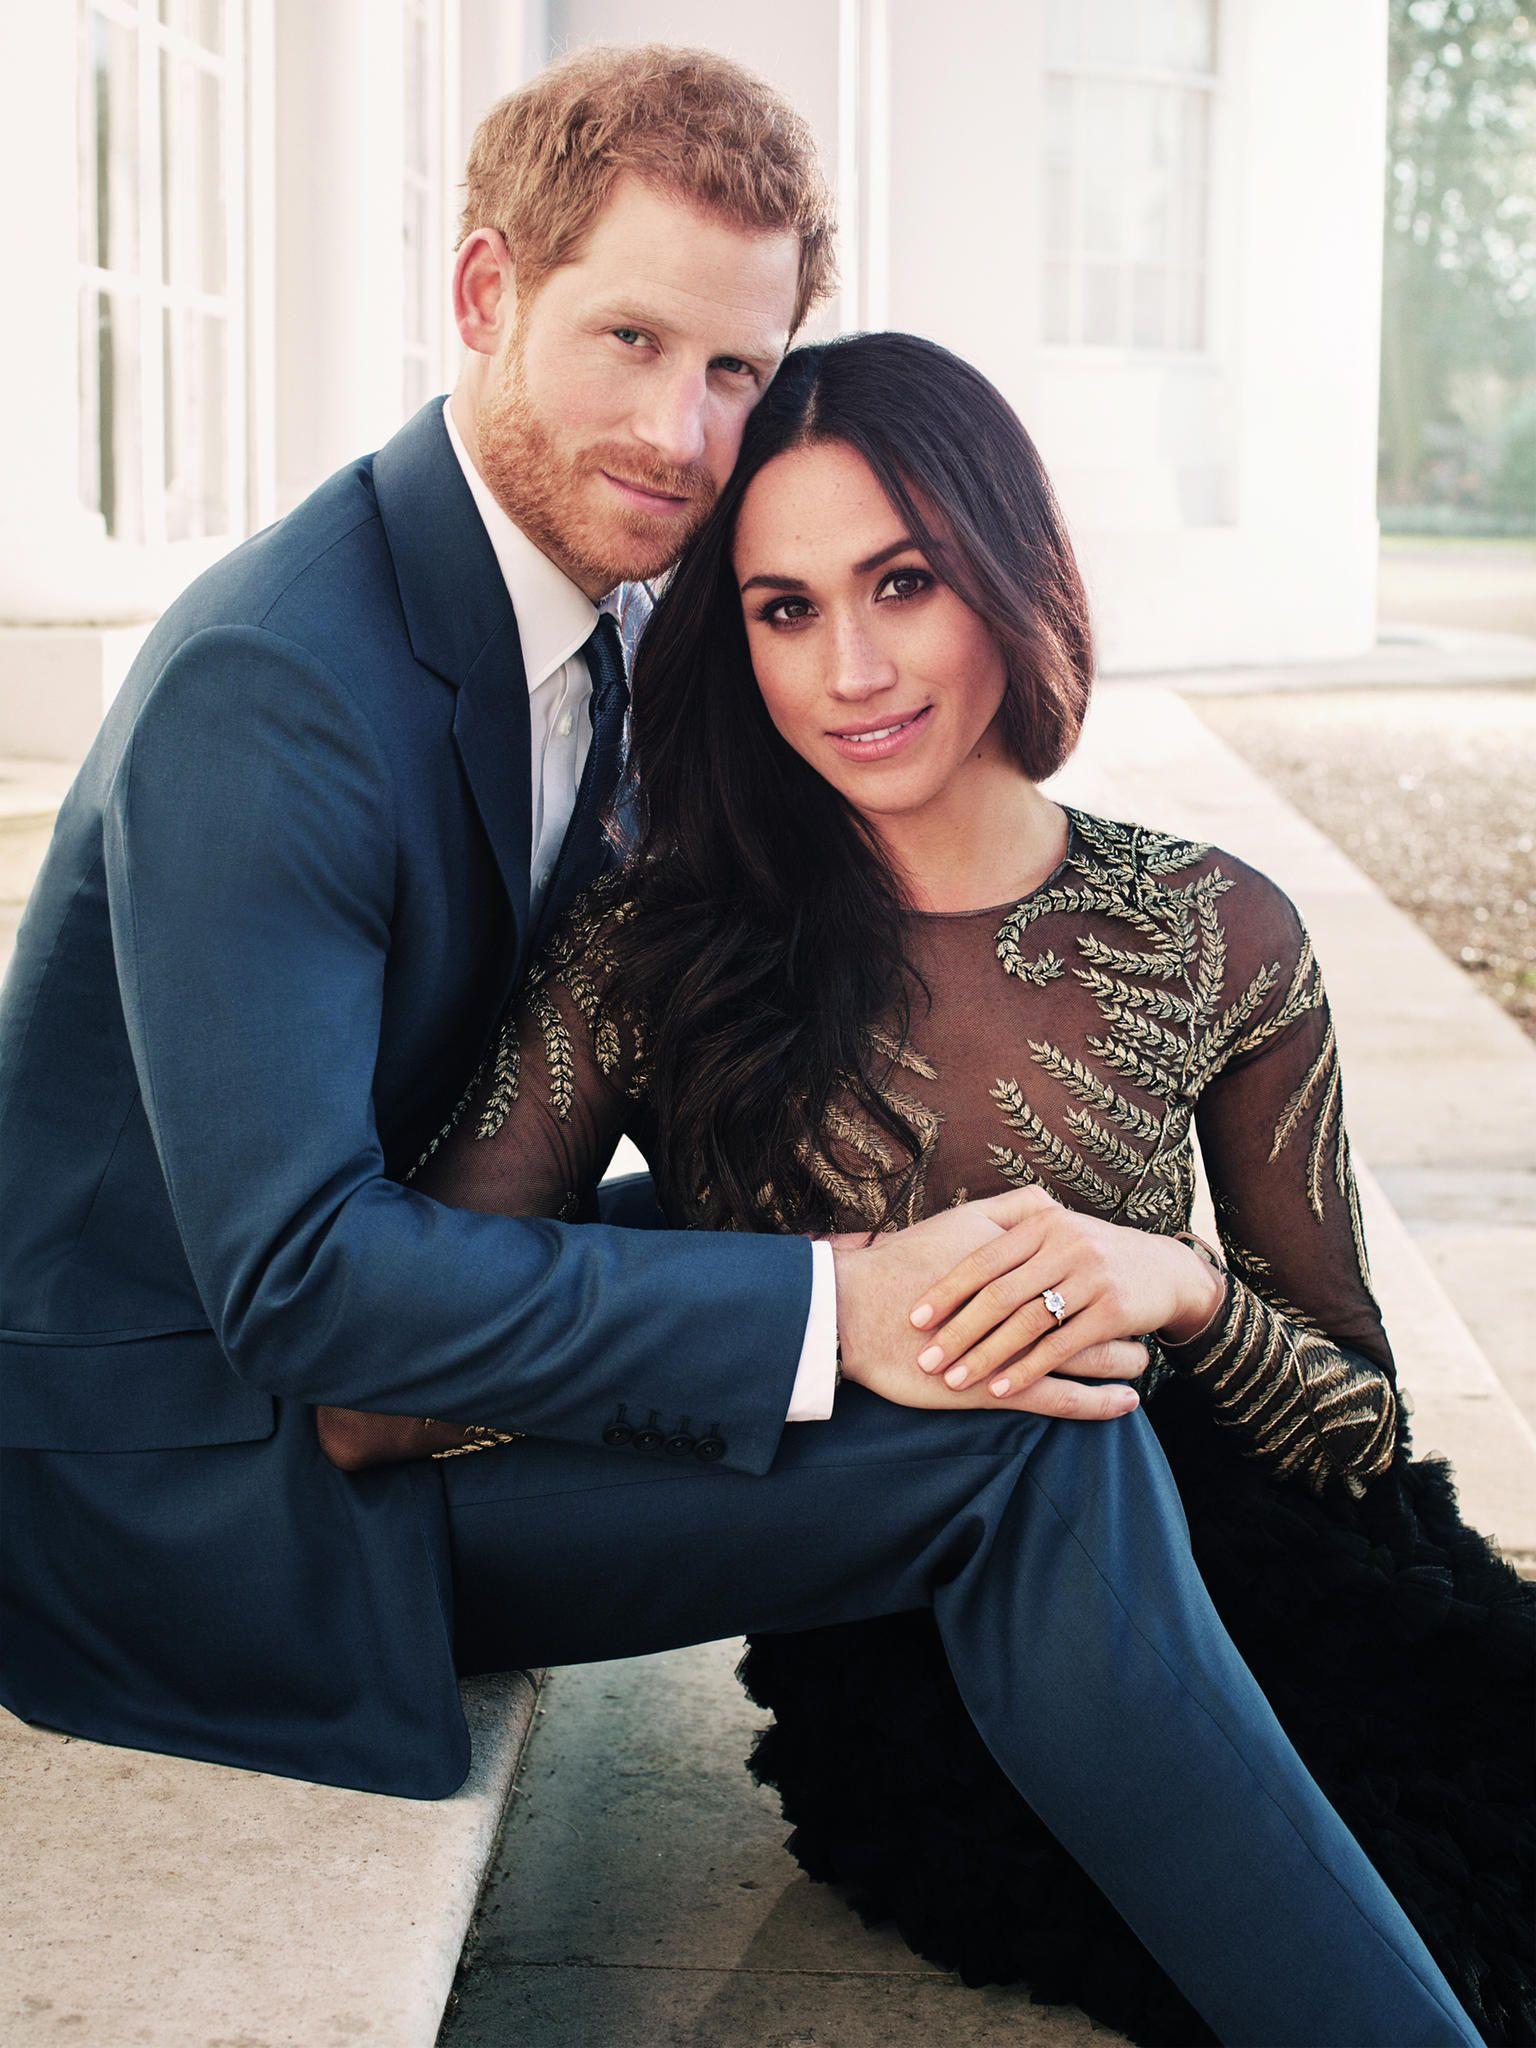 Prinz Harry Meghan Markle Die Schonsten Bilder Verlobung Bild Prinz Harry Meghan Markle Verlobungsbilder